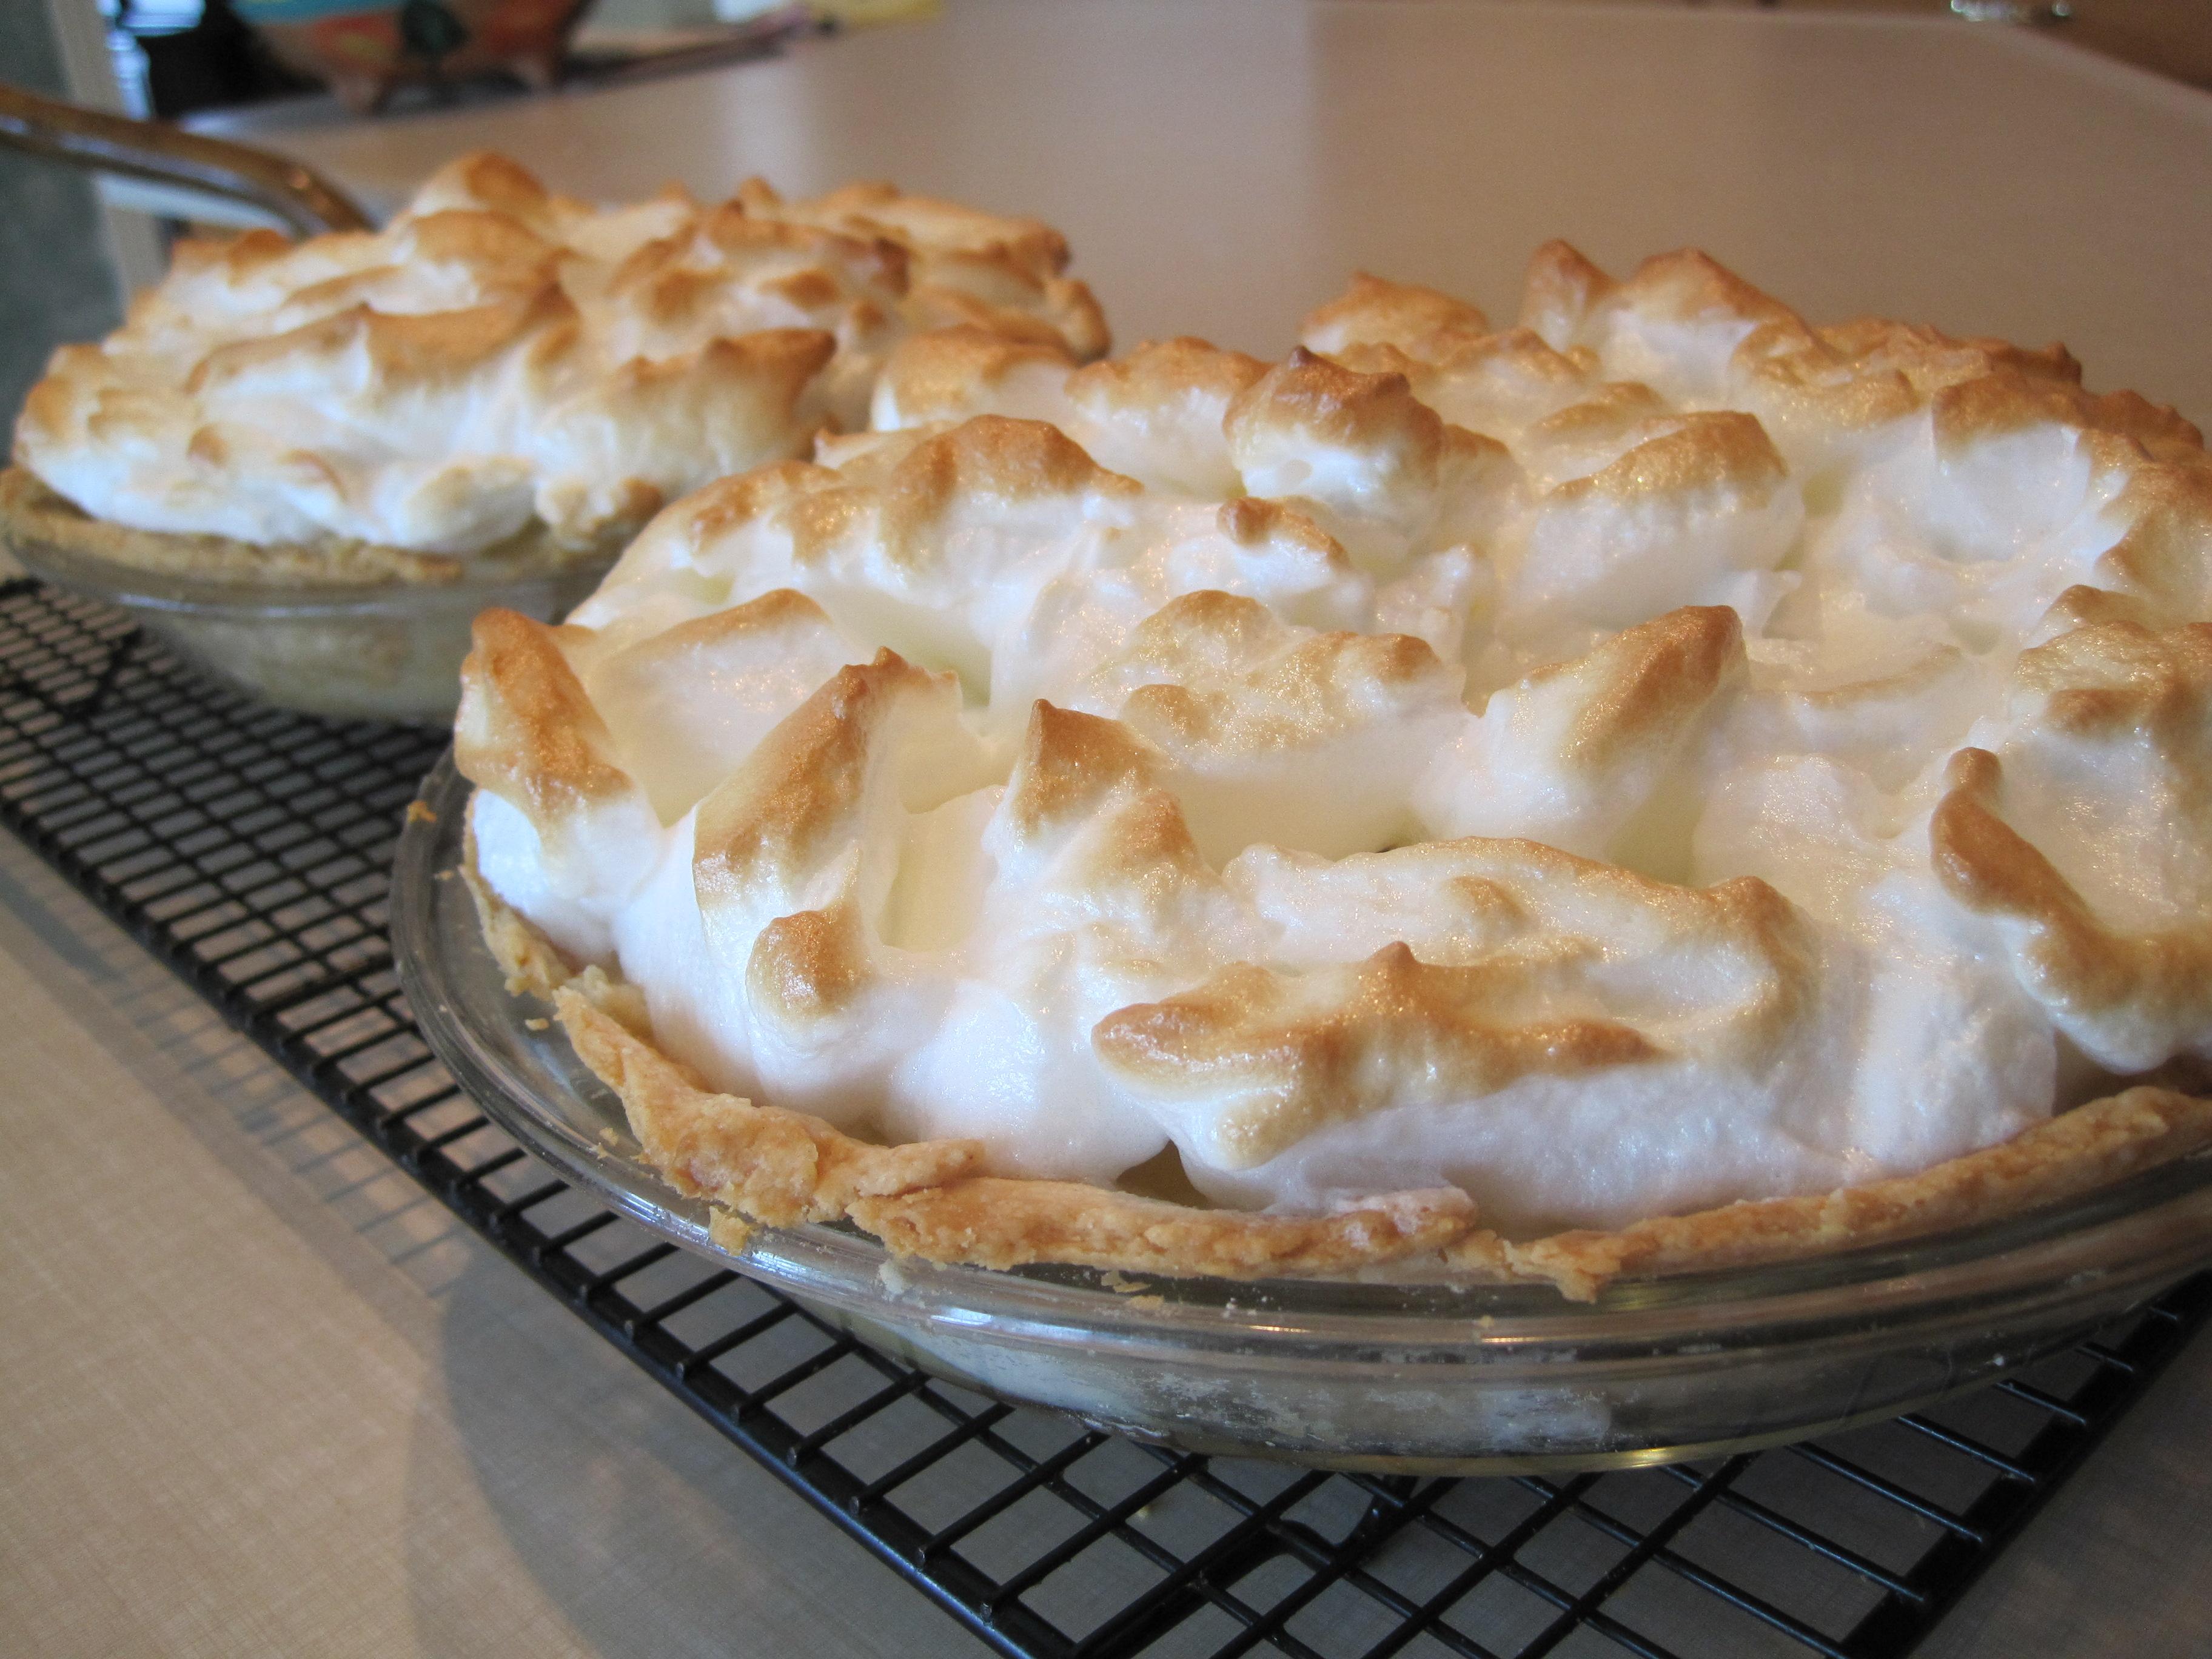 Top 2010 Warm Vanilla Sugar Recipes - Warm Vanilla Sugar